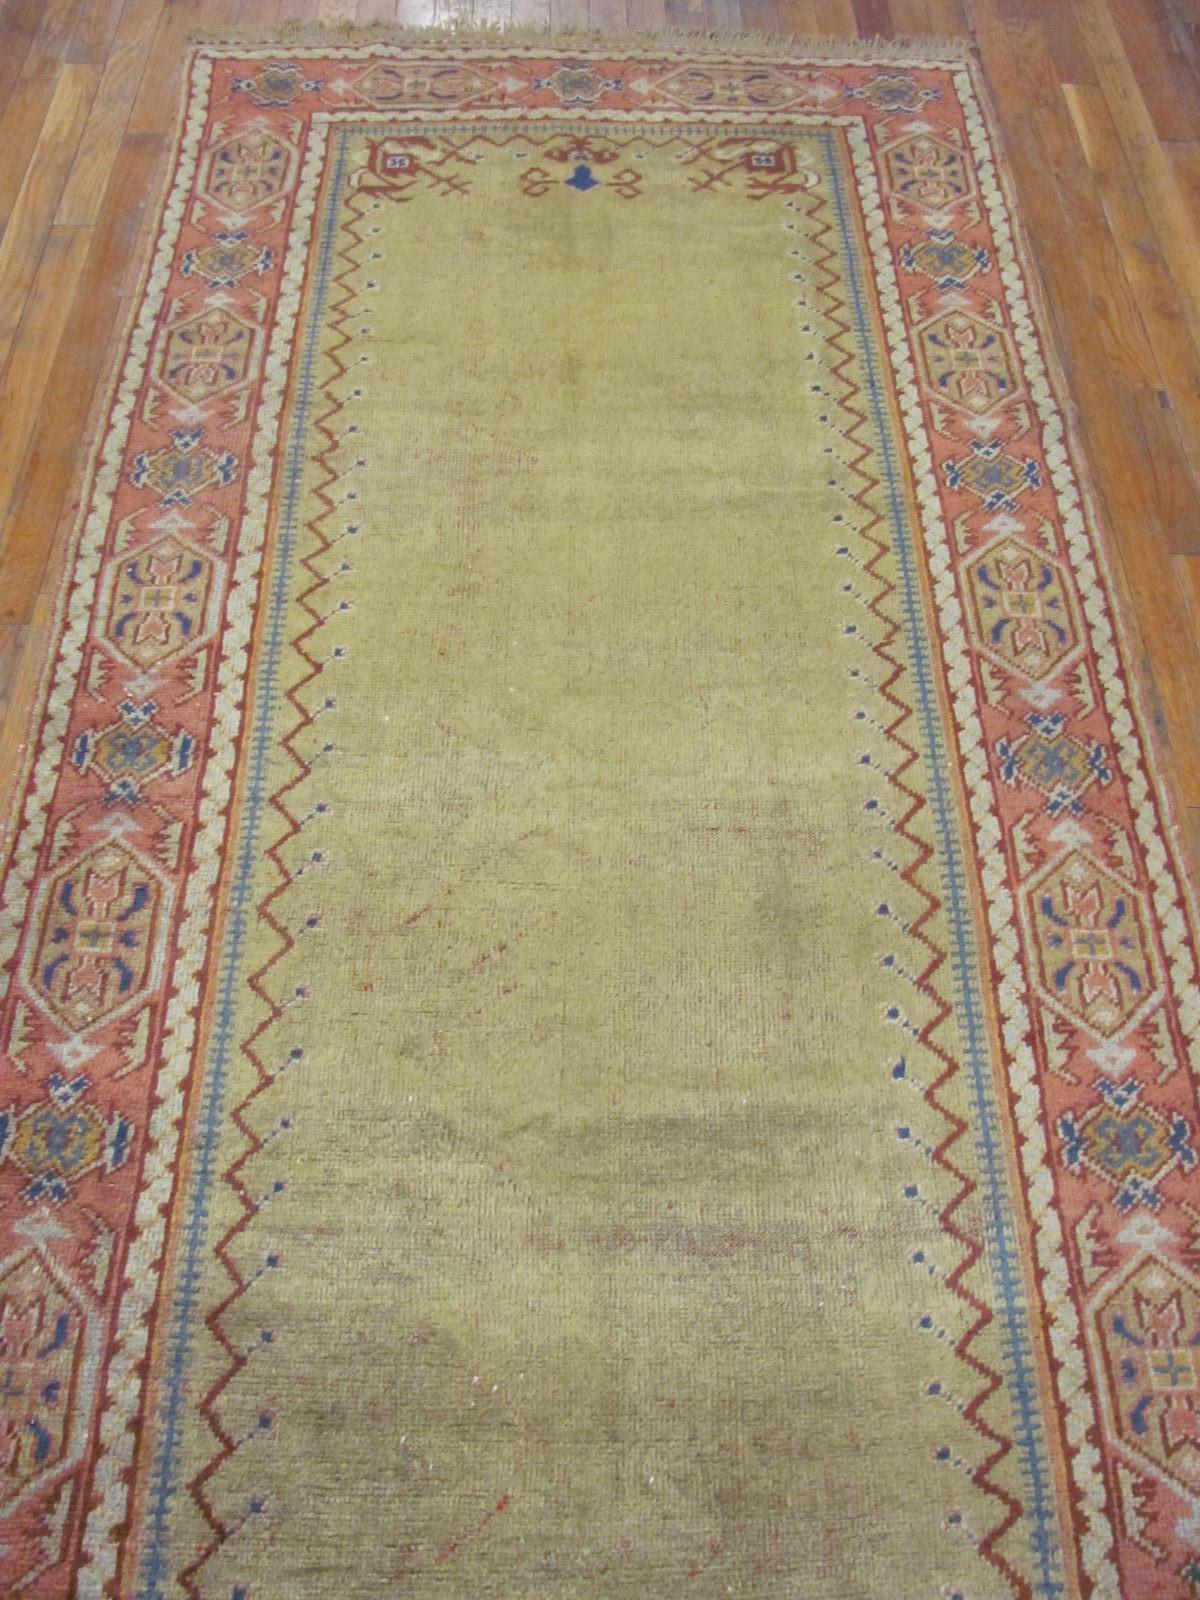 24268 Anatolian Oushak hall runner 3,8 x 23,9 (1)